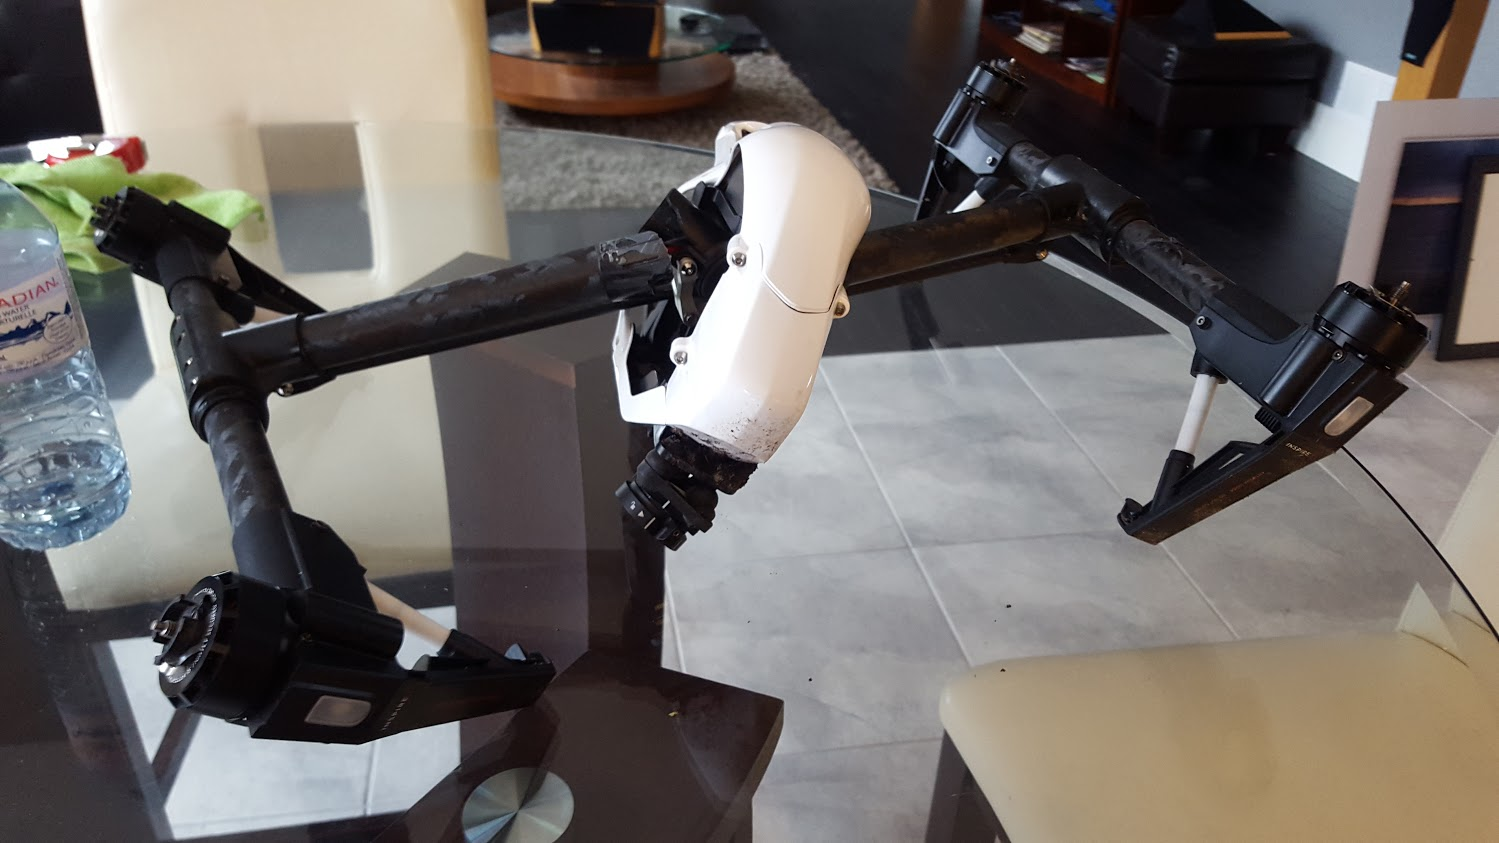 Broken drone